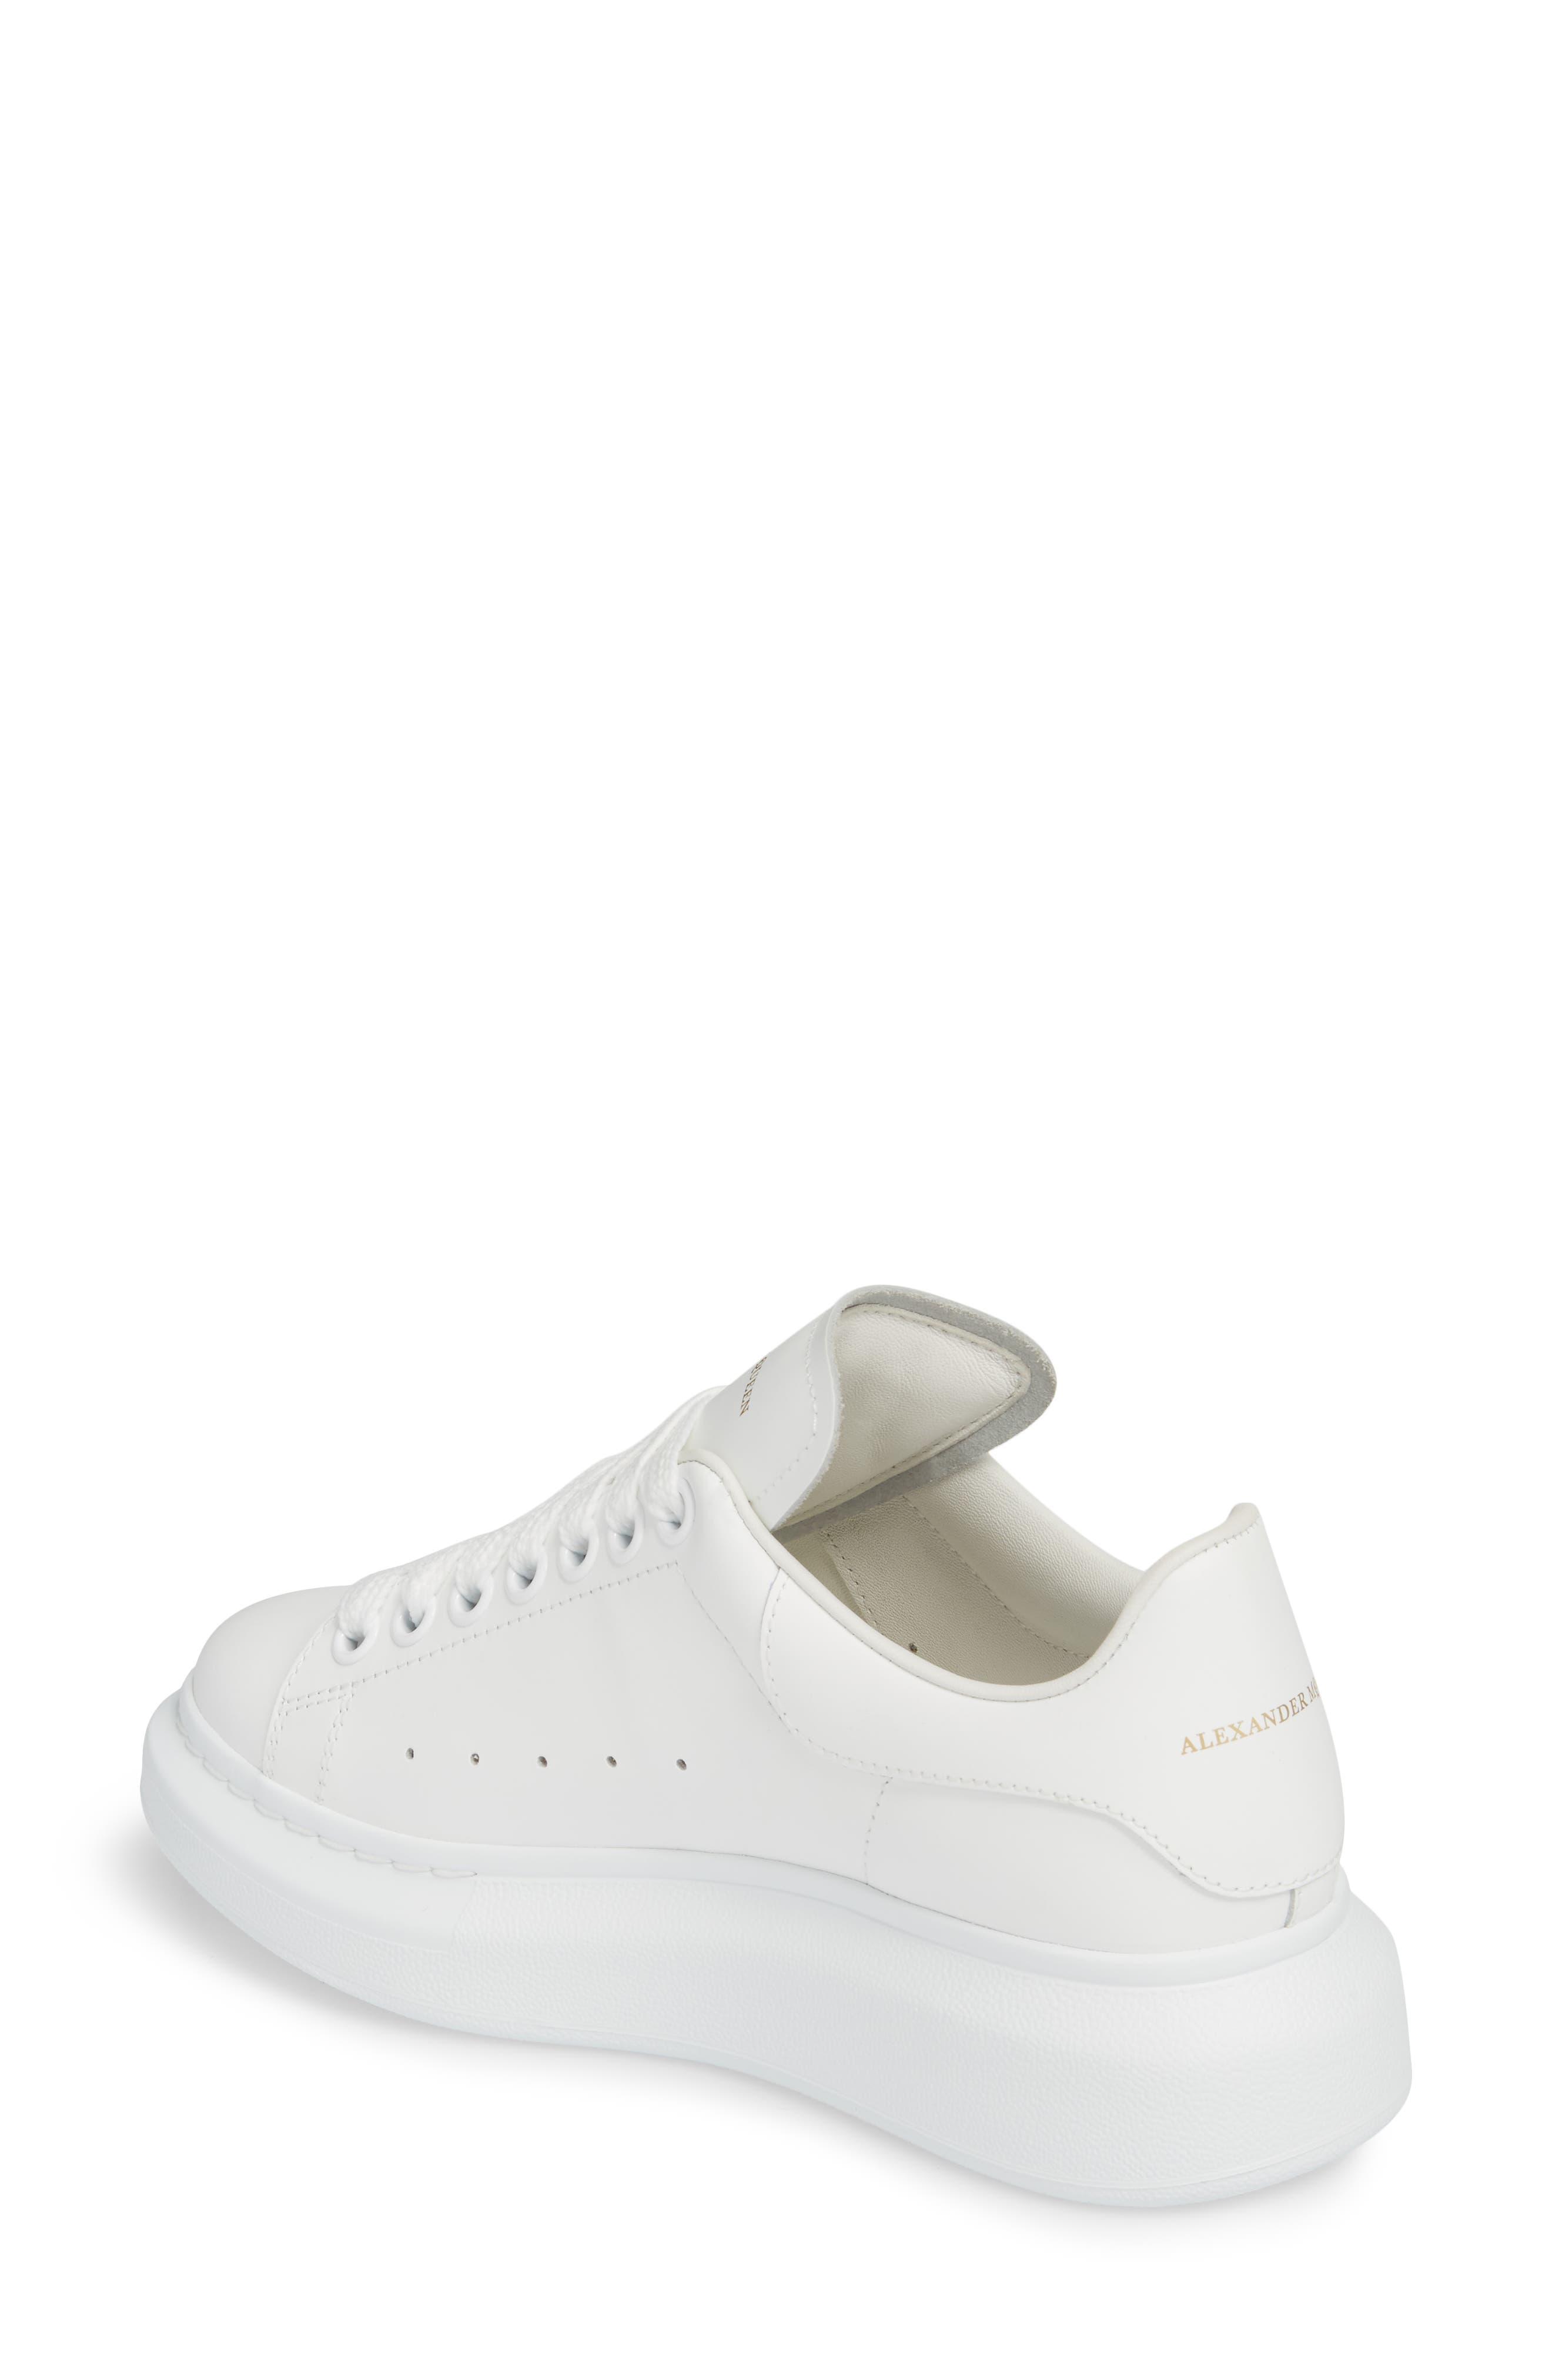 ALEXANDER MCQUEEN,                             Sneaker,                             Alternate thumbnail 2, color,                             WHITE/ WHITE